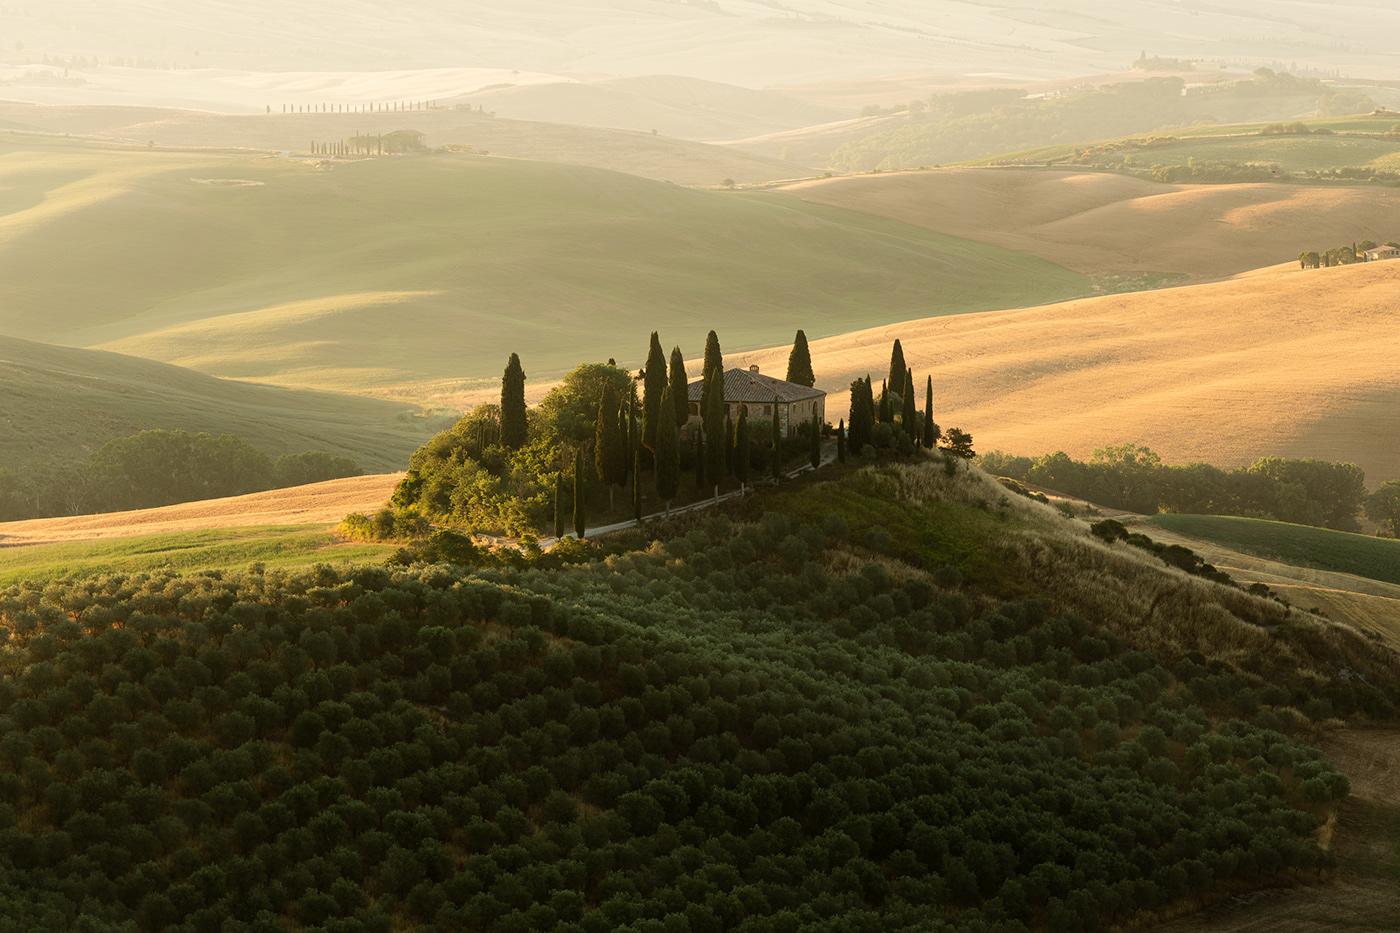 Landscape lightroom Nature Photography  Tuscany hills Sunrise sunset travel photography ValD'Orcia